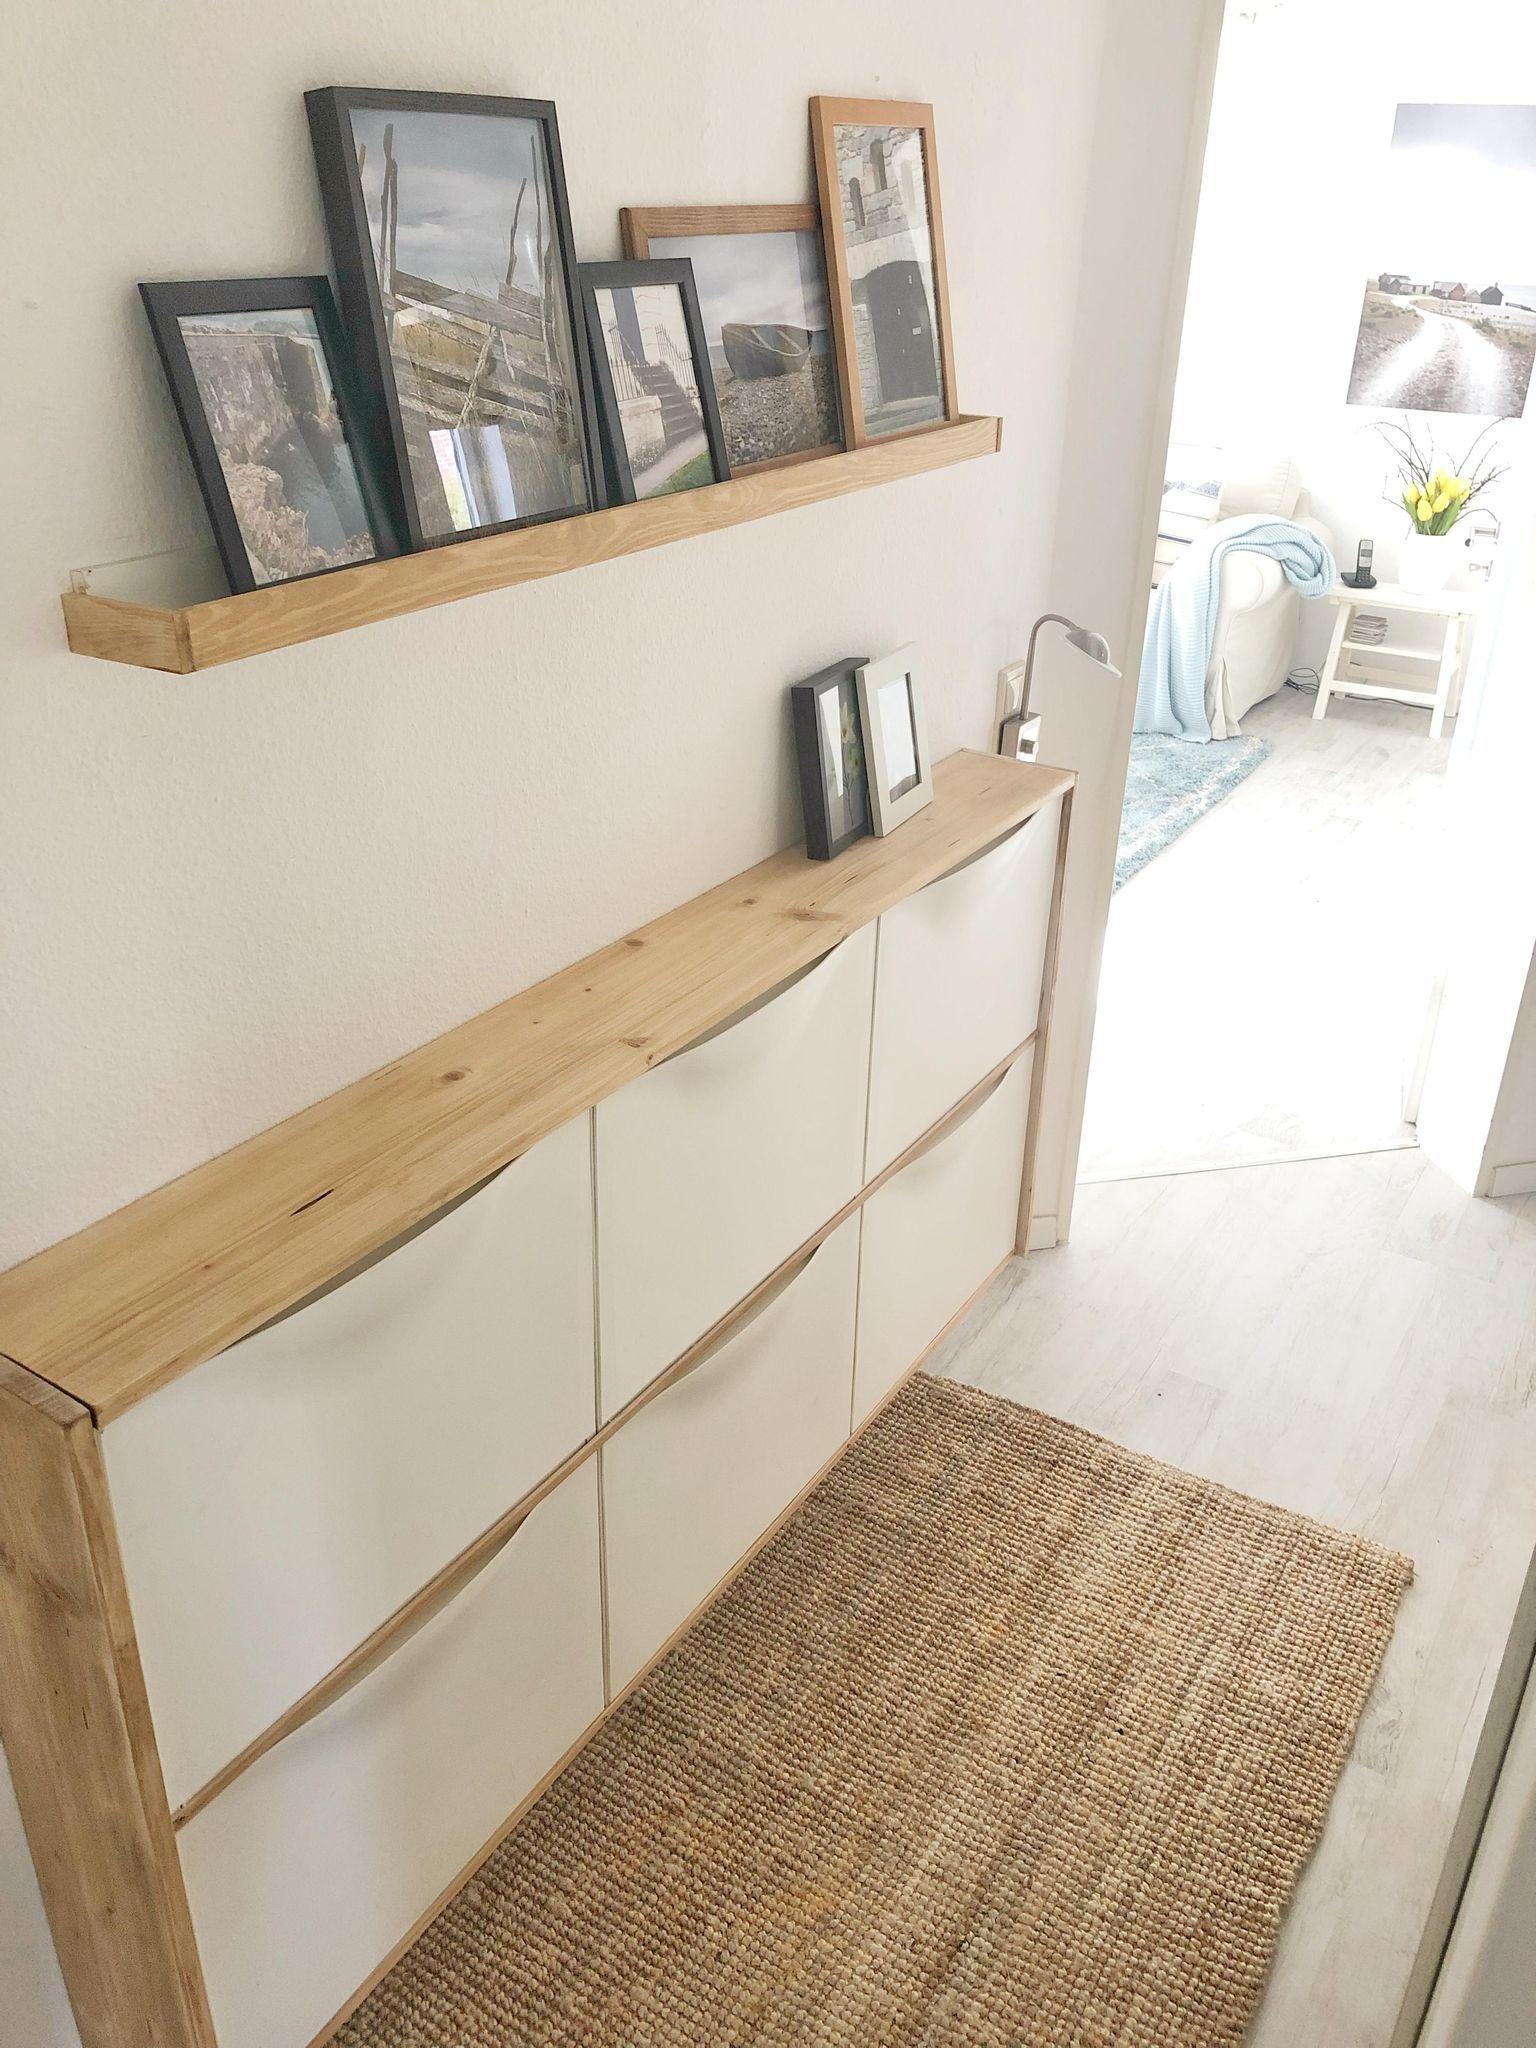 Flur Ideen: Lass dich in der Community inspirieren! #decorationentree Ikea Trones und Bilderleiste aufgepimpt  #meinikea#couchstyle#flur#myhome#solebich